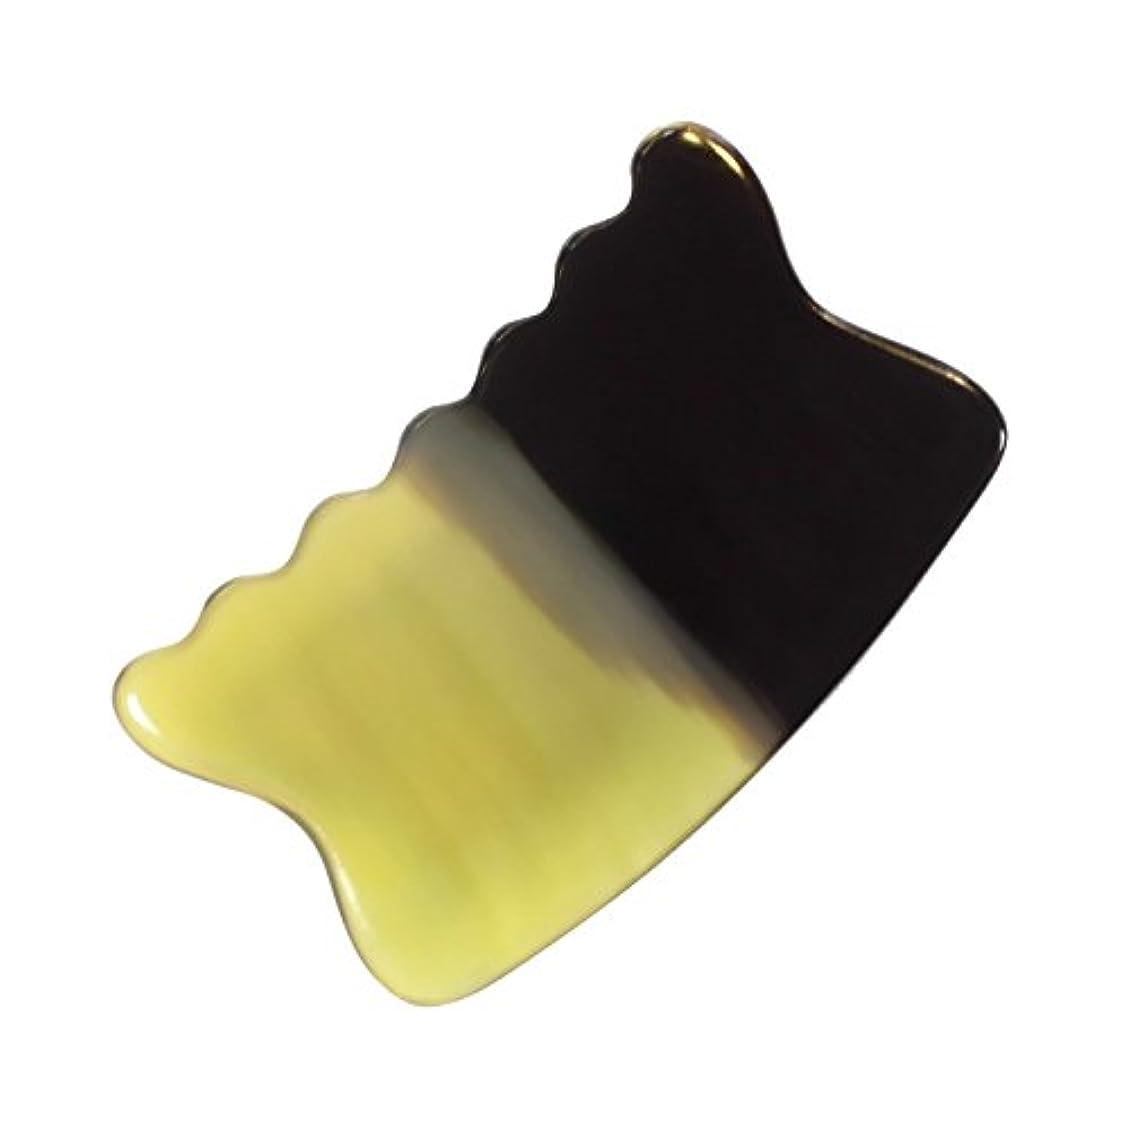 適合する狭い嵐のかっさ プレート 希少60 黄水牛角 極美品 曲波型